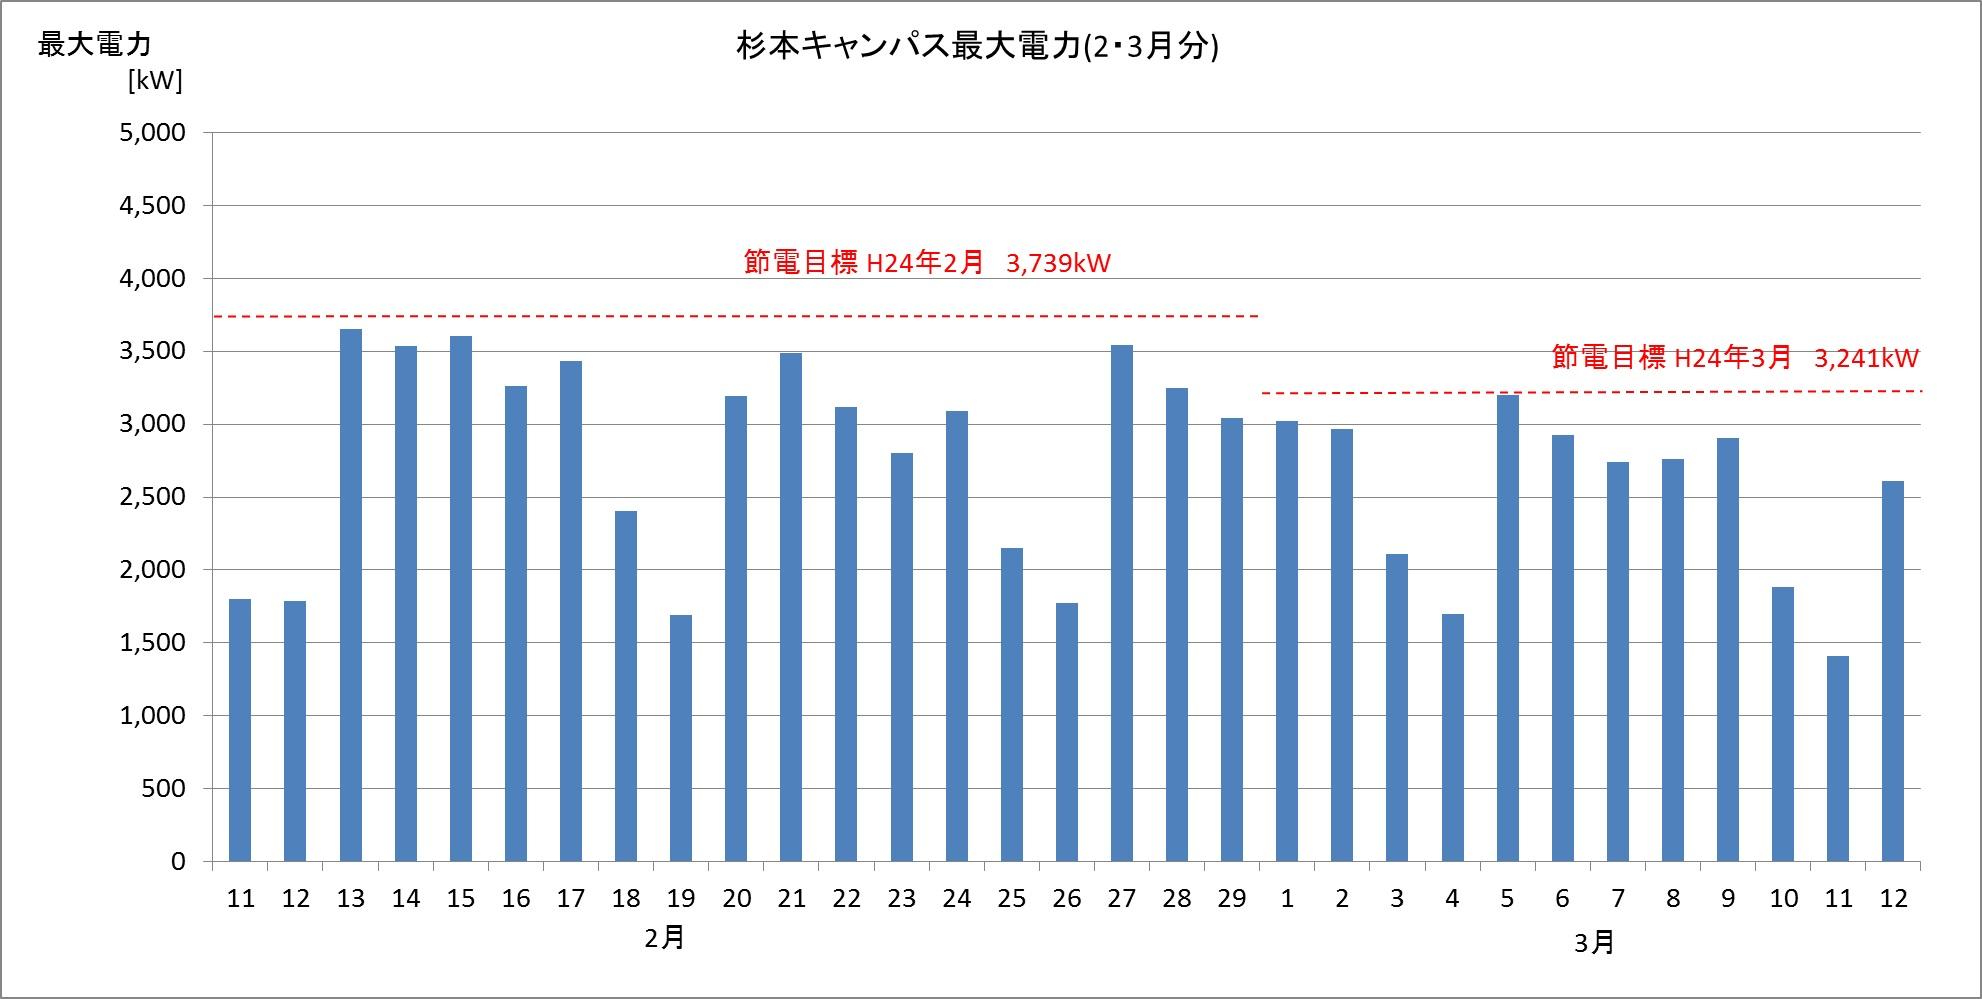 杉本キャンパス最大電力グラフ